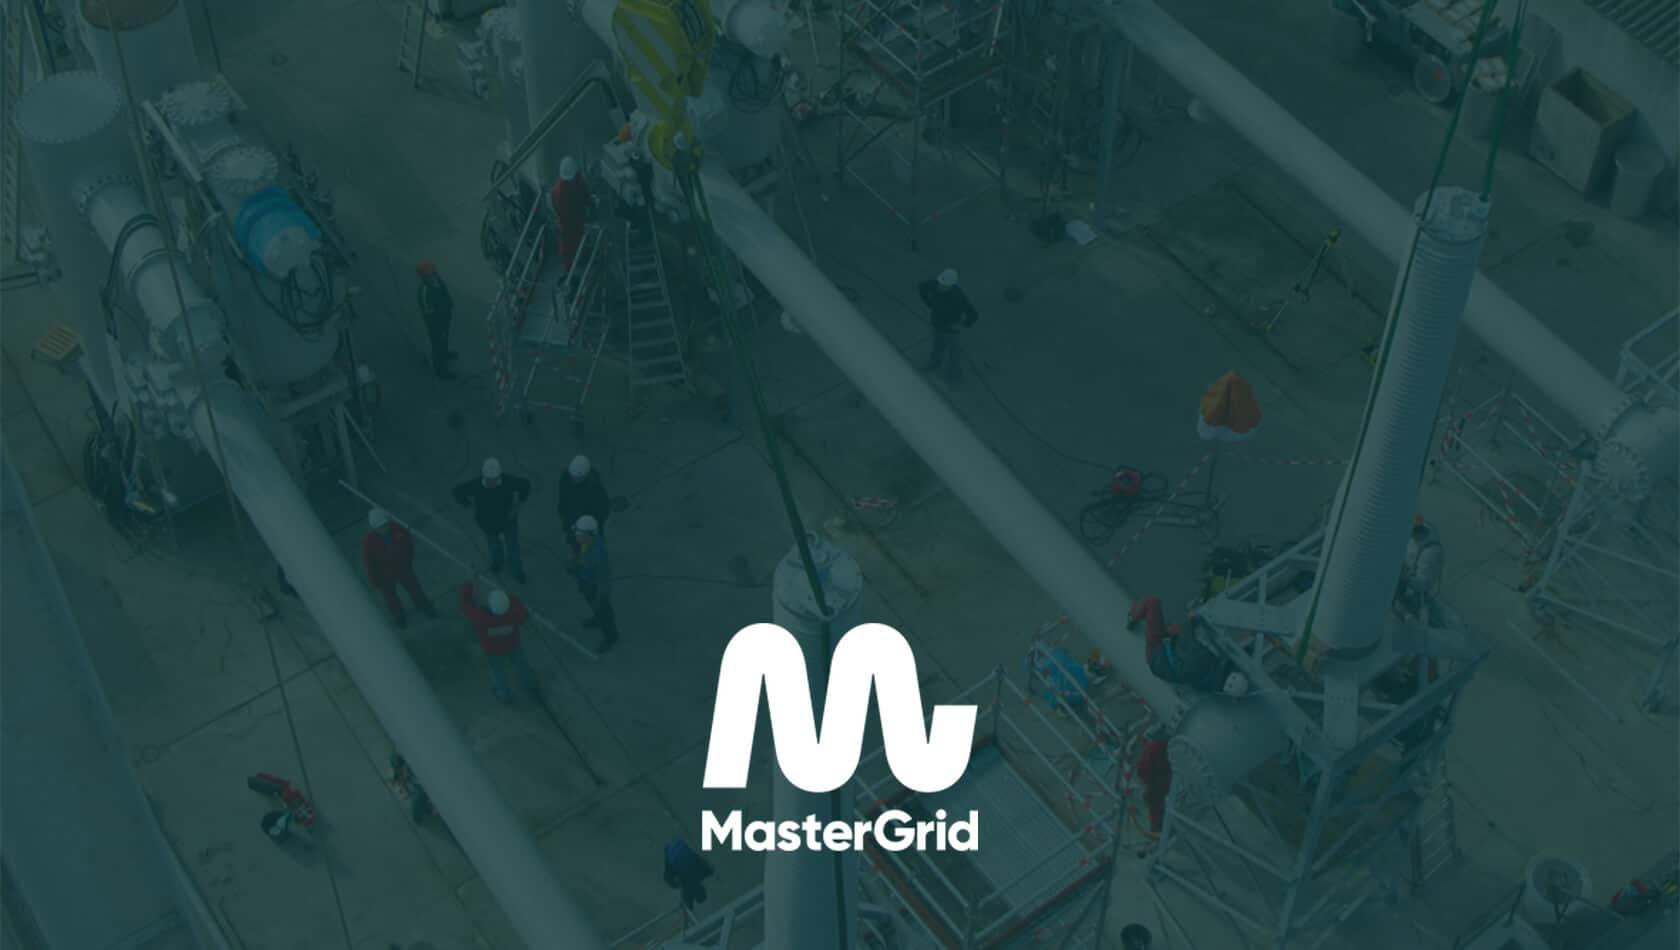 FX transporte Mastergrid grâce à la vidéo